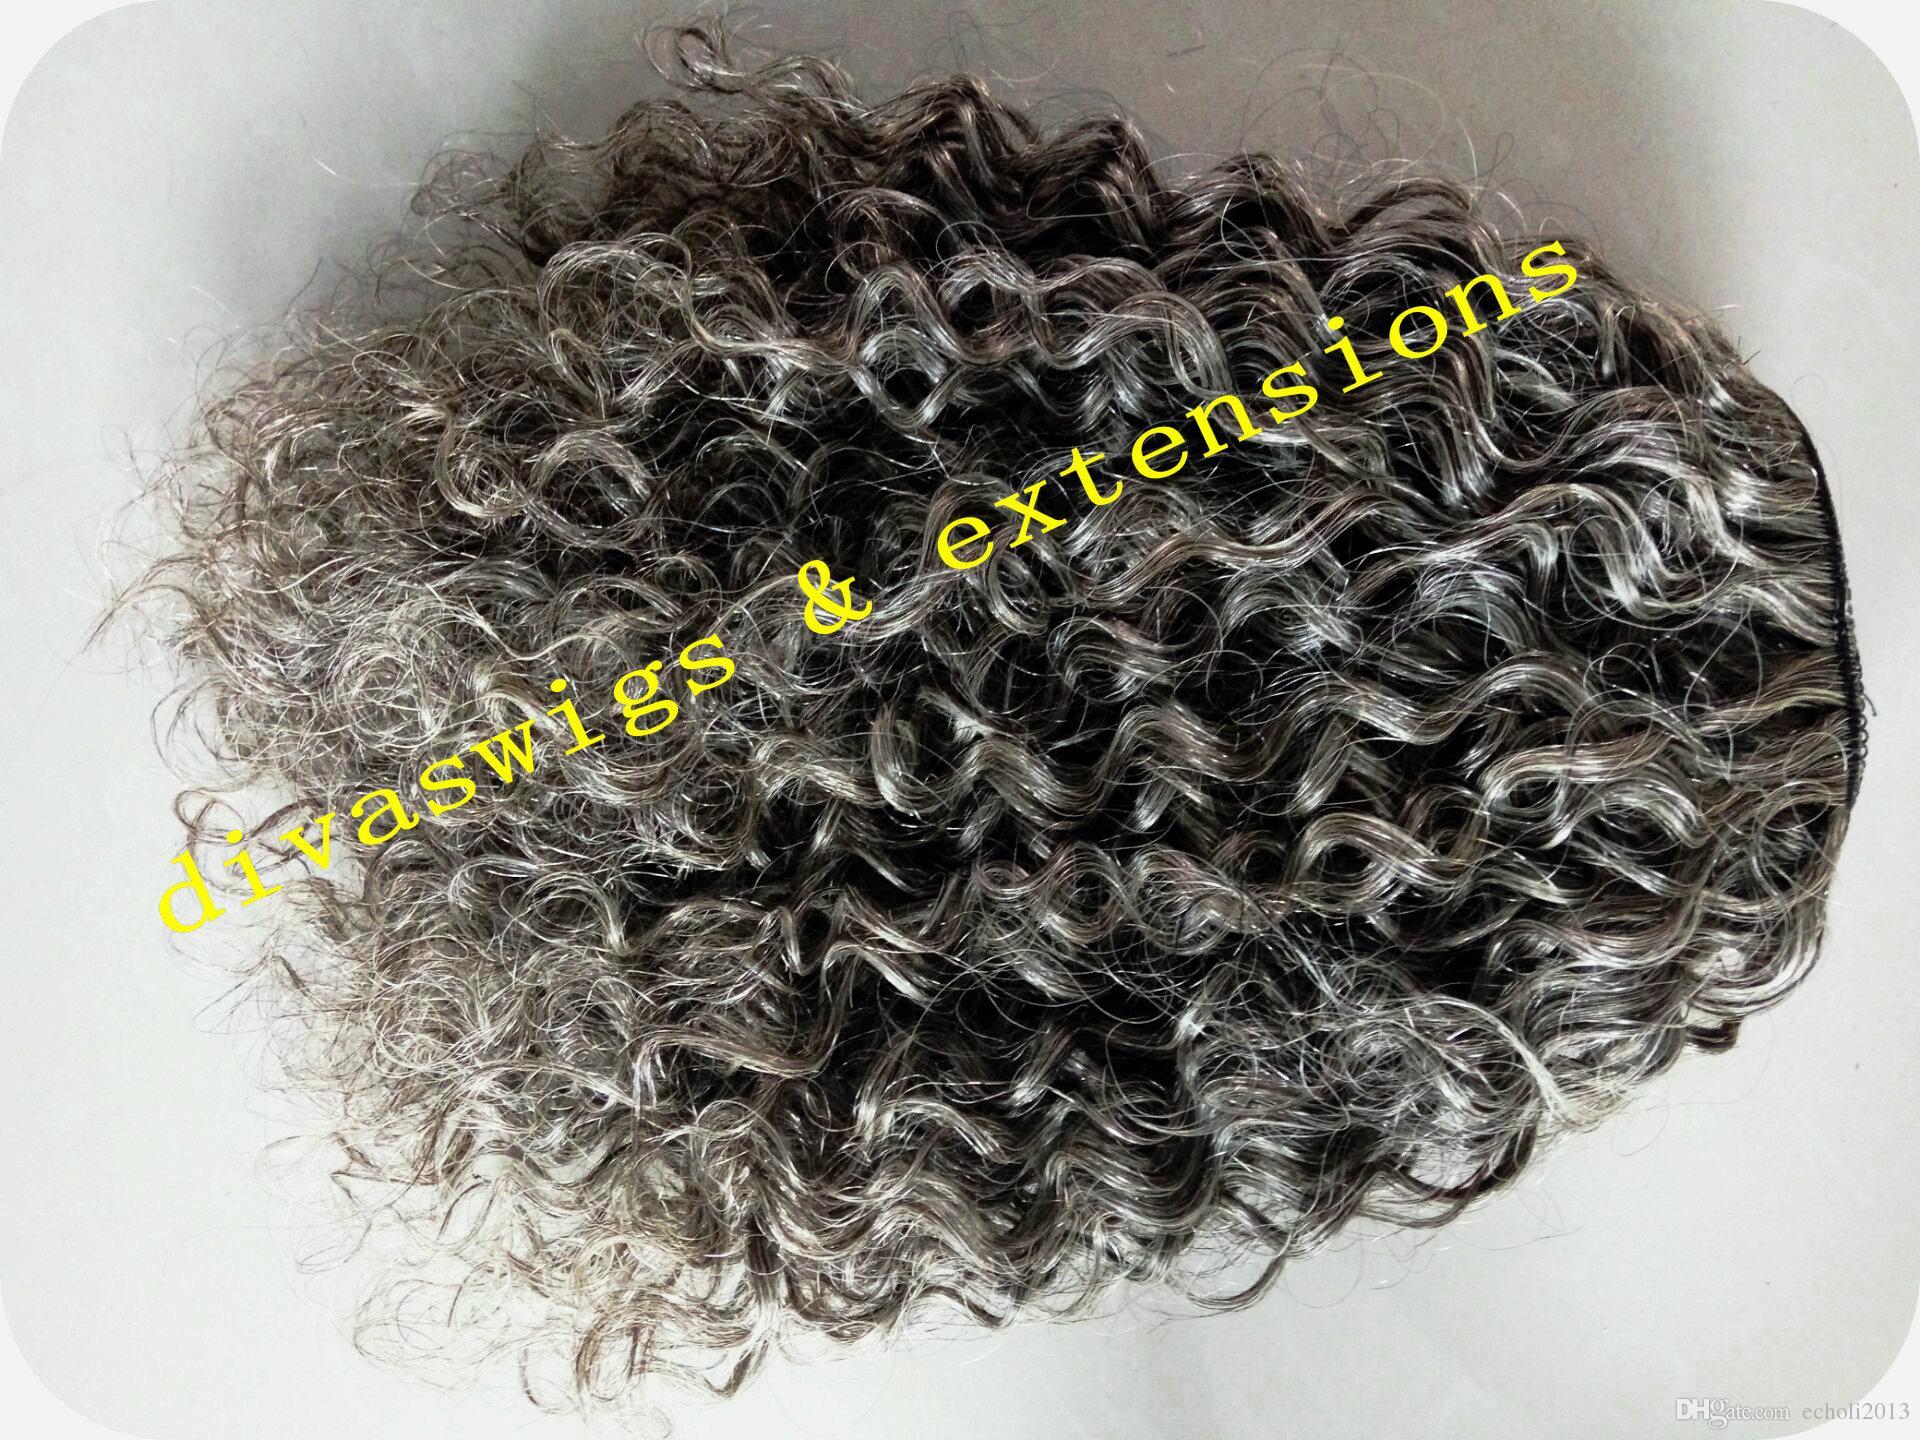 Breve alta crespa ricci argento grigio due toni ombre tessere coda di cavallo parrucchino clip vergine grigio coulisse coda di cavallo estensione dei capelli 14 pollici